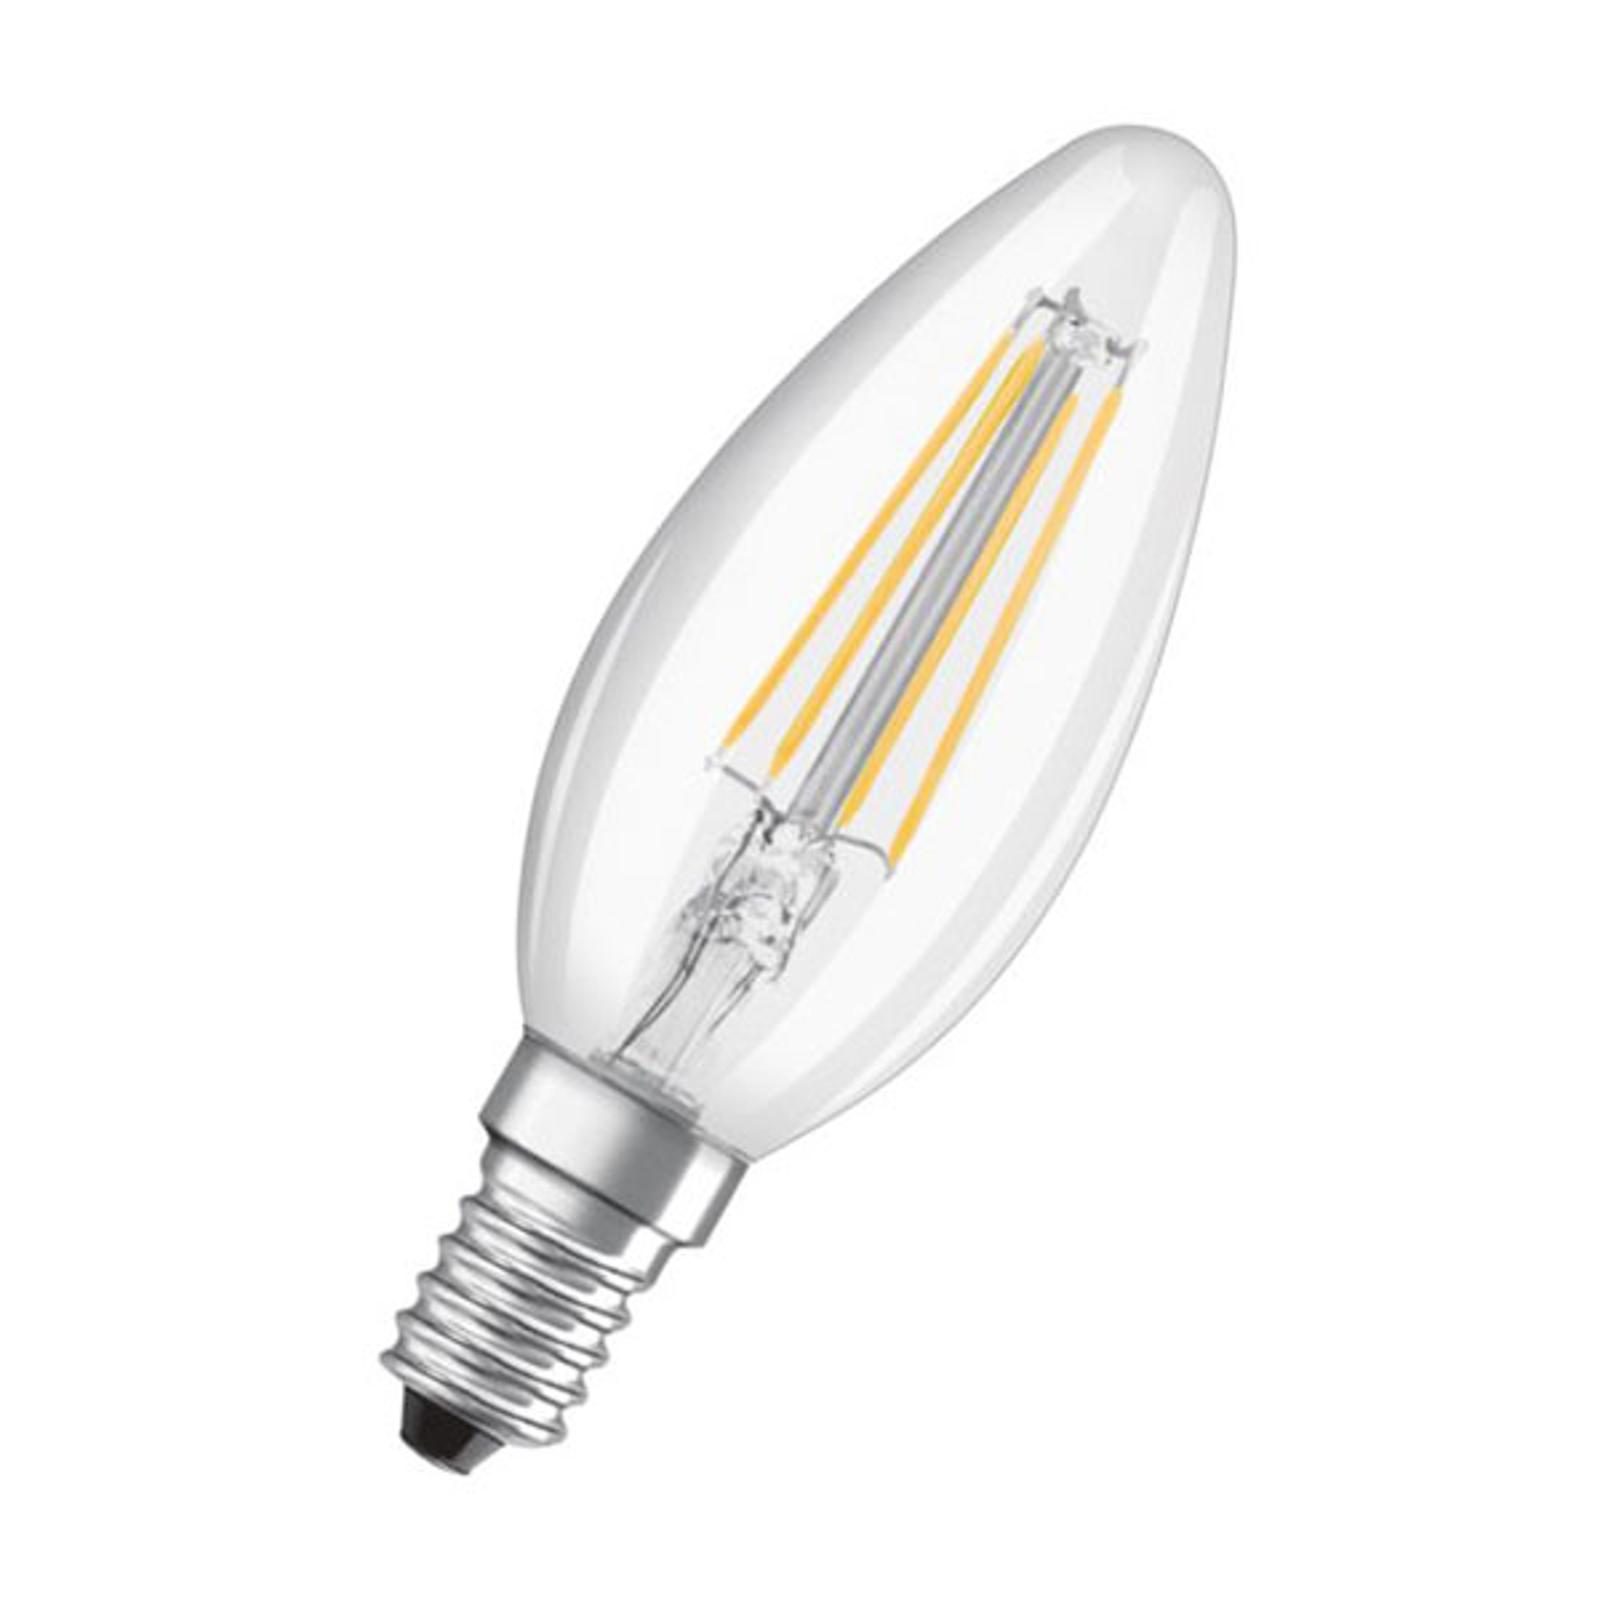 OSRAM LED candela E14 5W 827 dimming